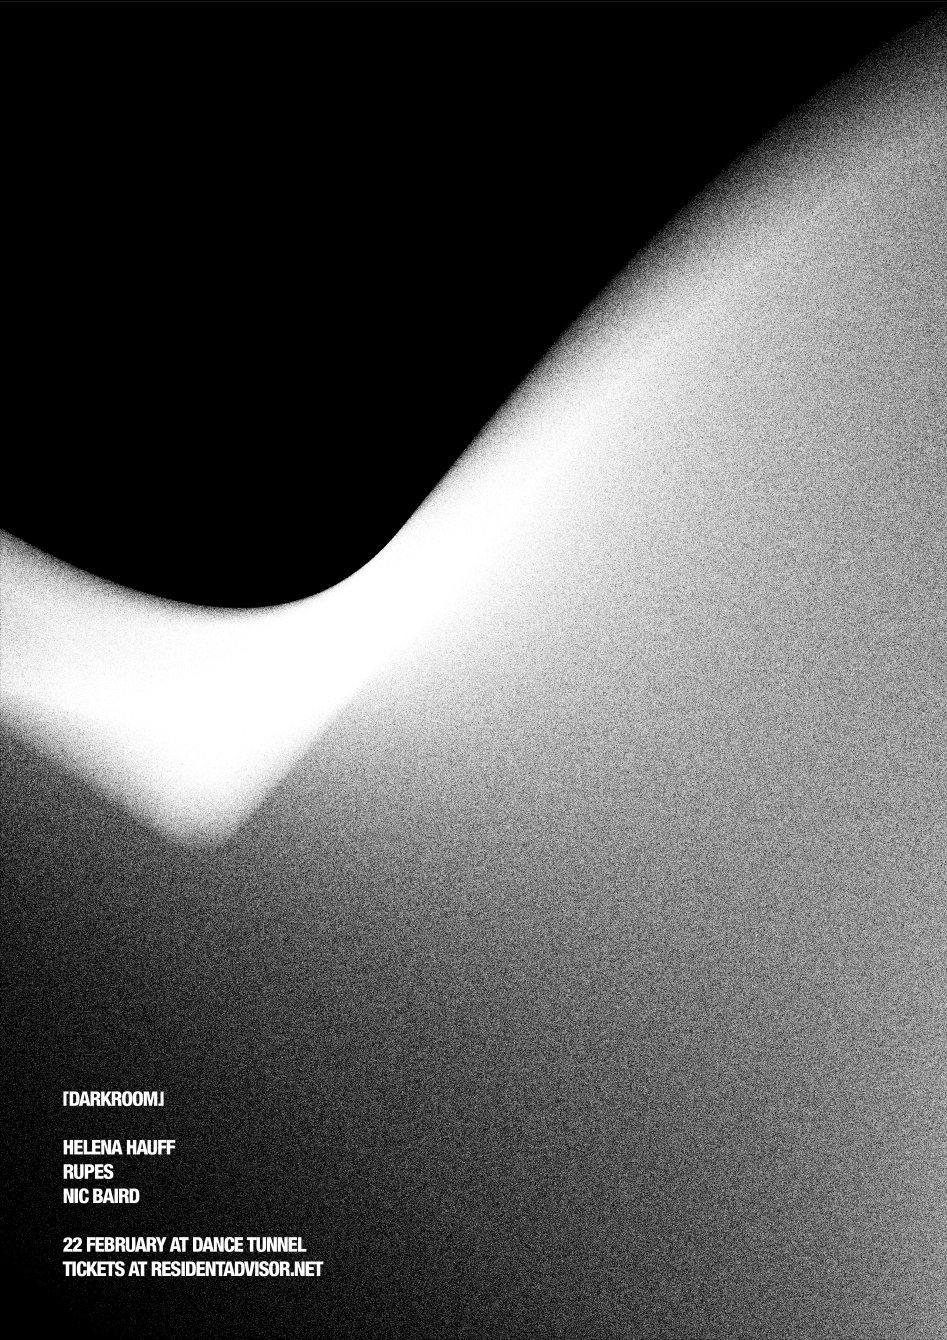 Darkroom with Helena Hauff - Flyer front